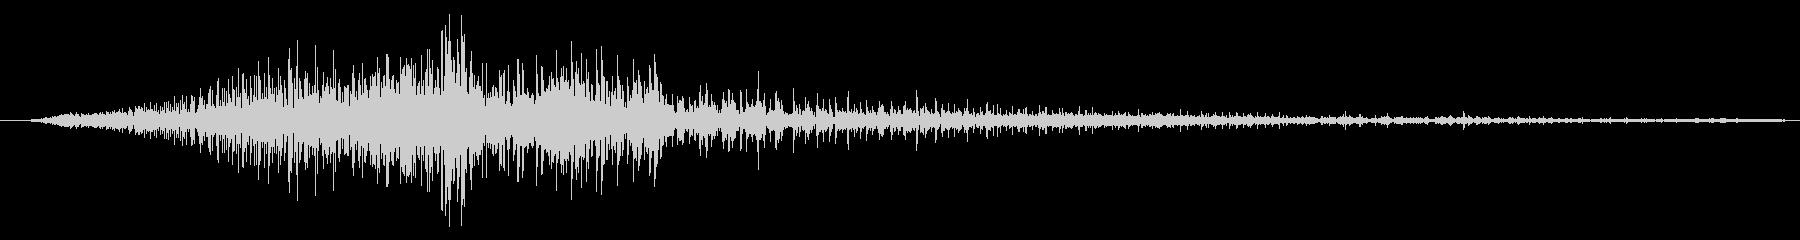 ヘルハウンド arのうなり声02の未再生の波形